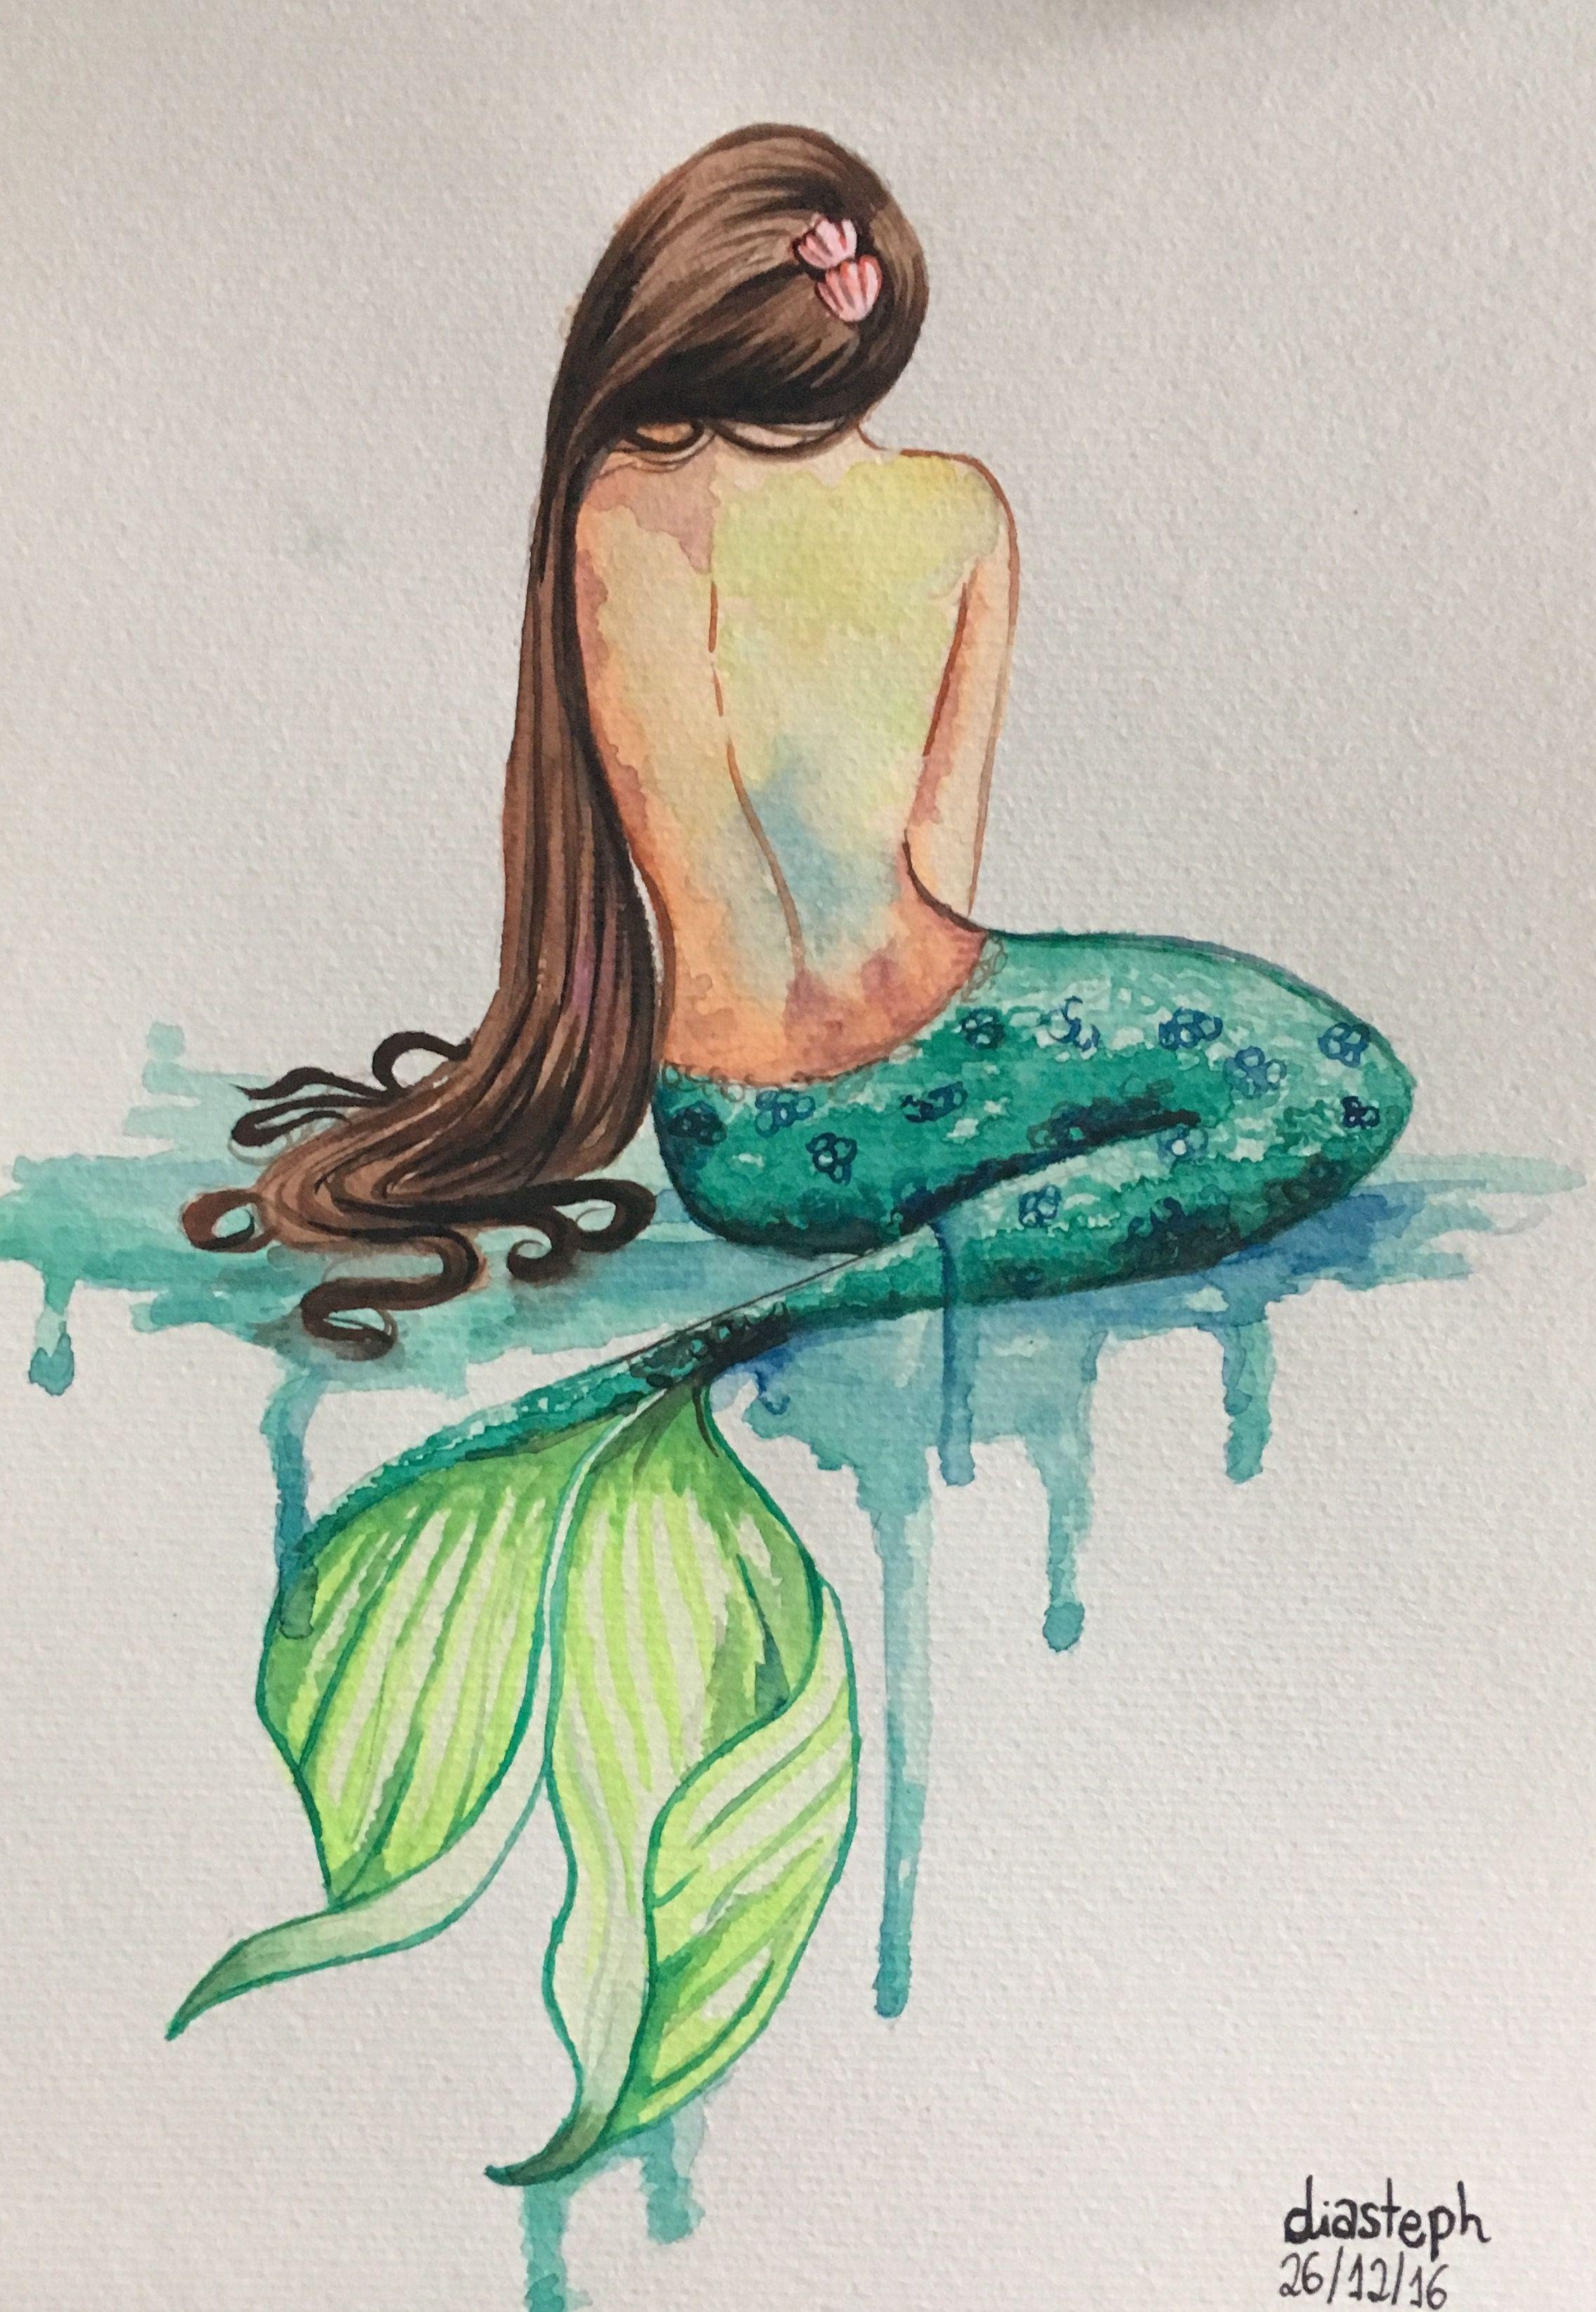 Pin By Rogelio Gutierrez On Ideas Para Trabajar In 2020 Watercolor Mermaid Mermaid Drawings Mermaid Painting